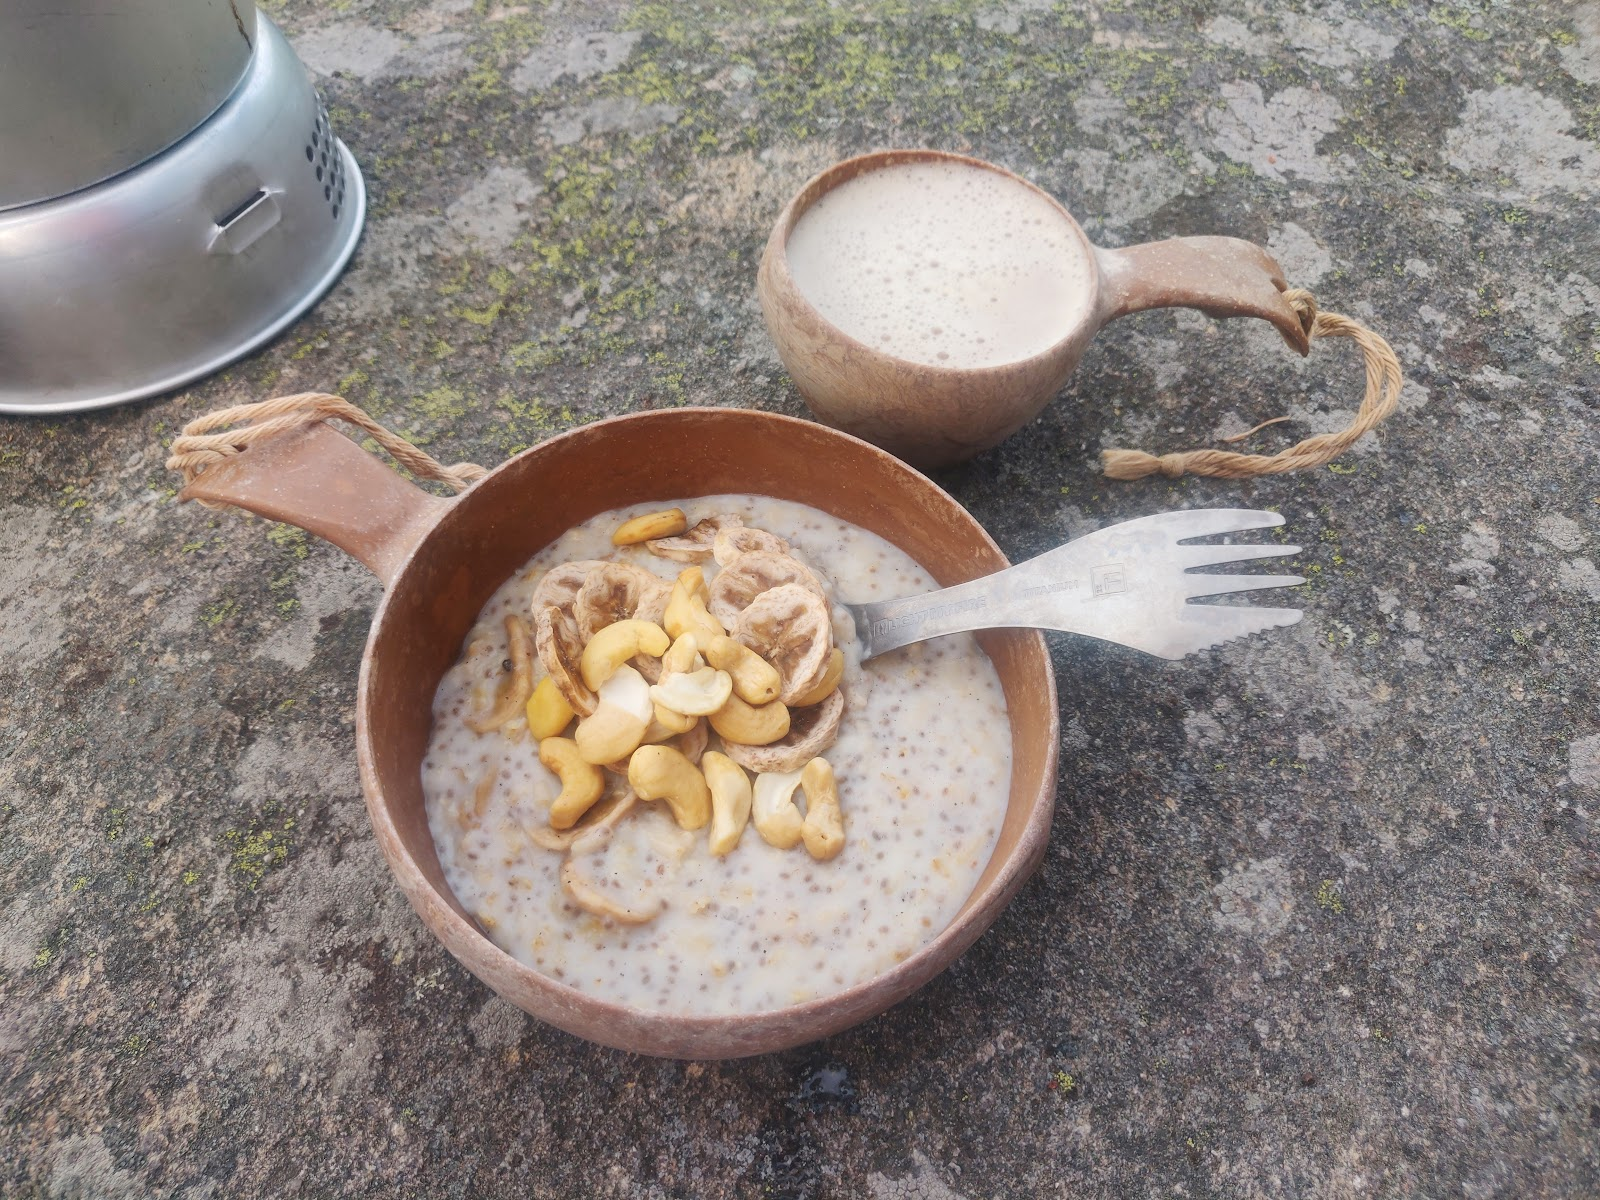 Valmis puuro tarjoillaan kahvin kera retkilautasesta.